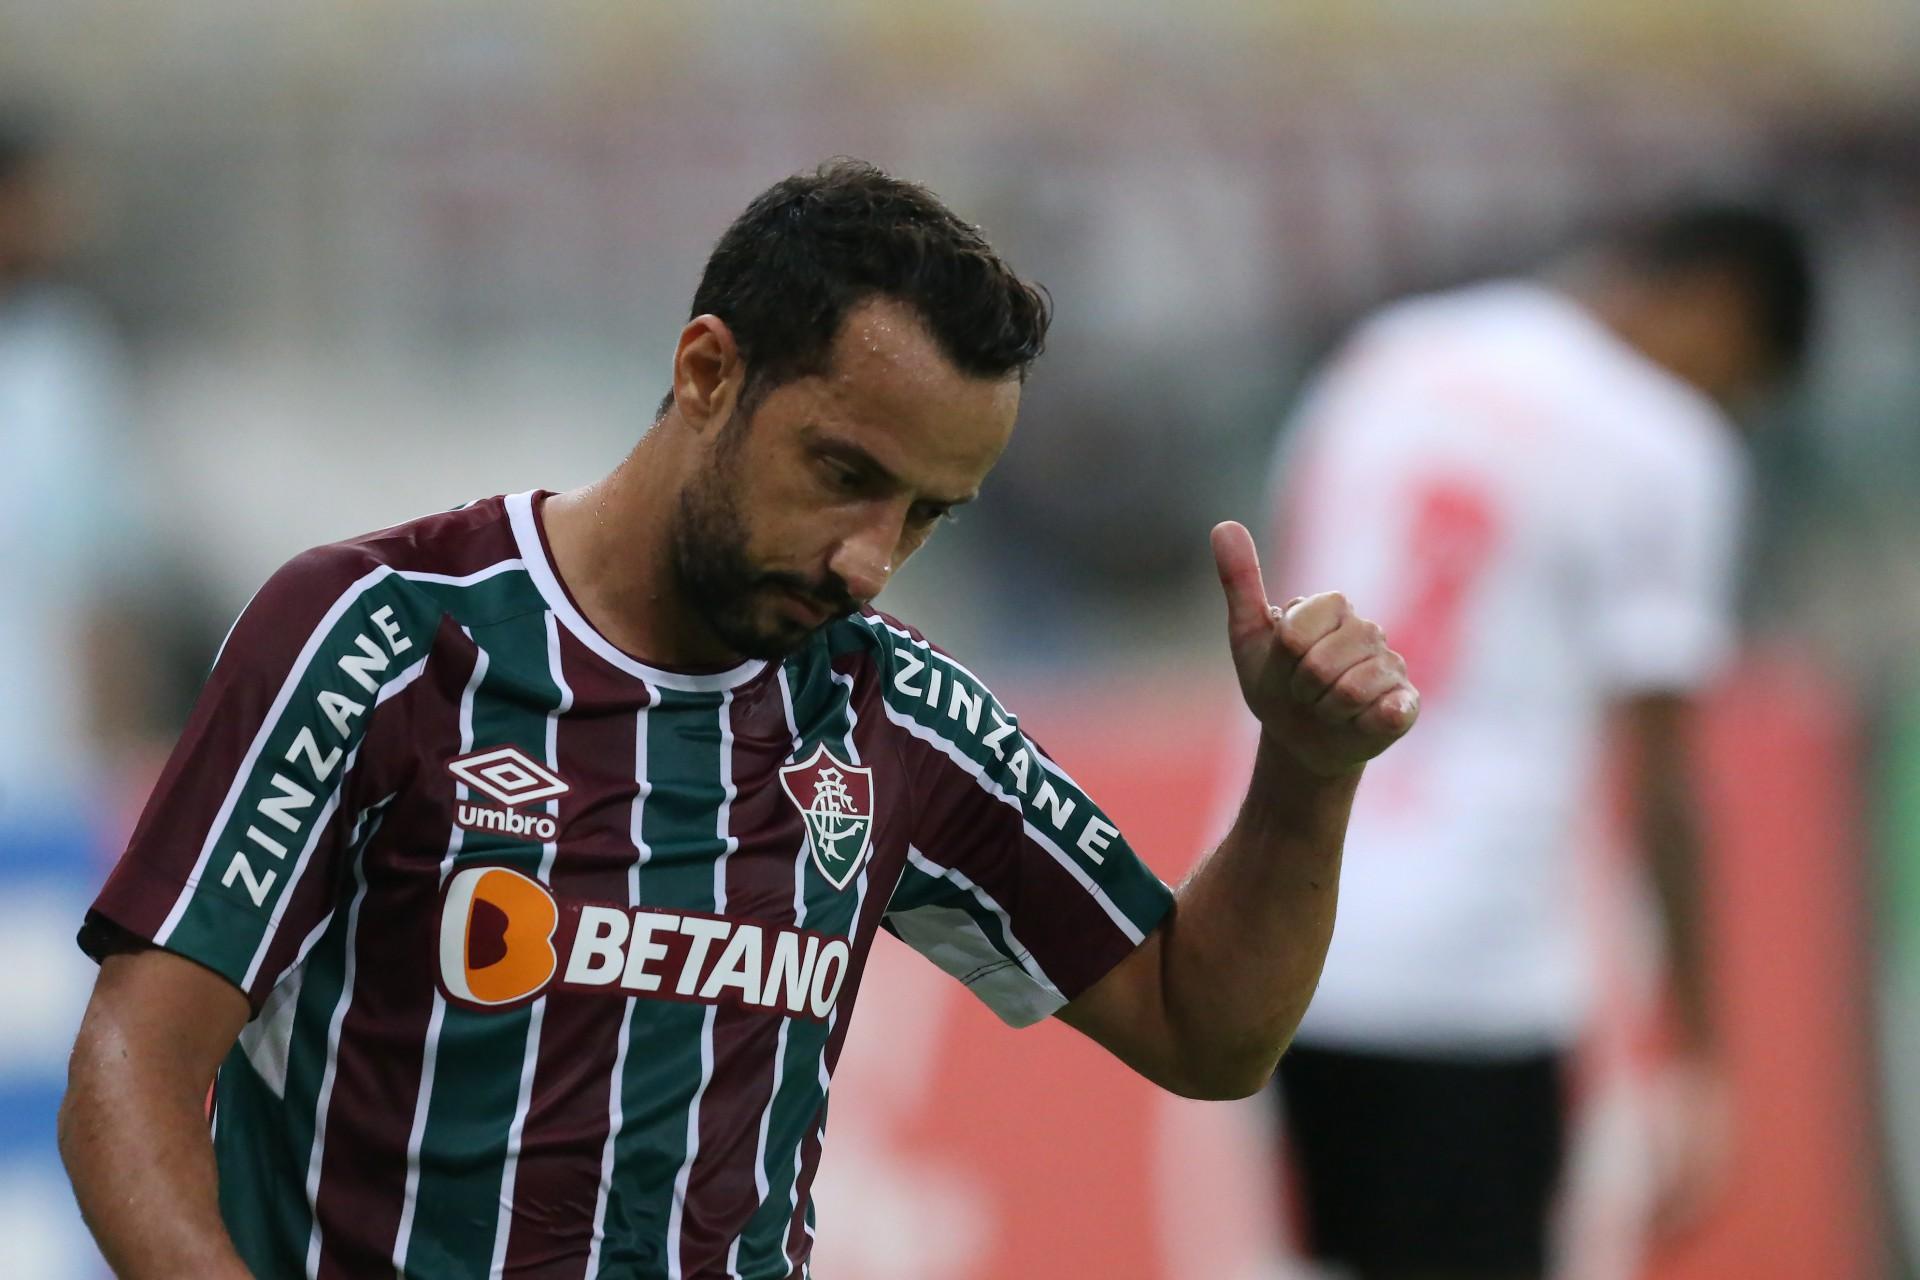 Perda de espaço no elenco pode fazer com que Nenê não renove com o Fluminense, diz site